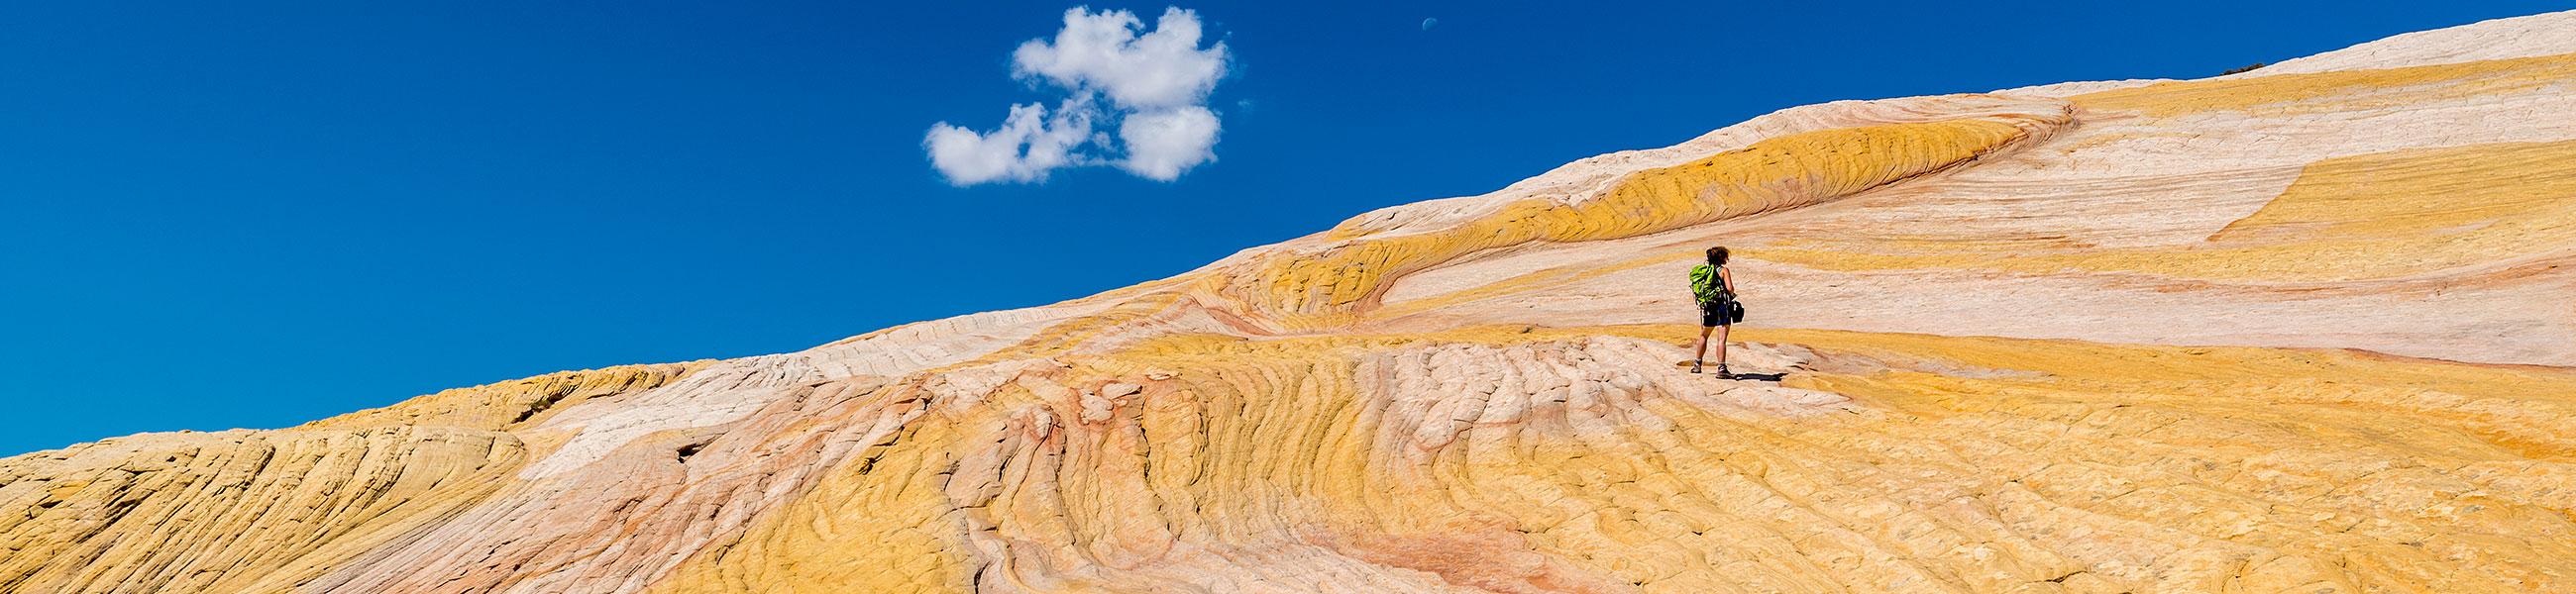 Yellow Rock dans Grand-Staircase Escalante